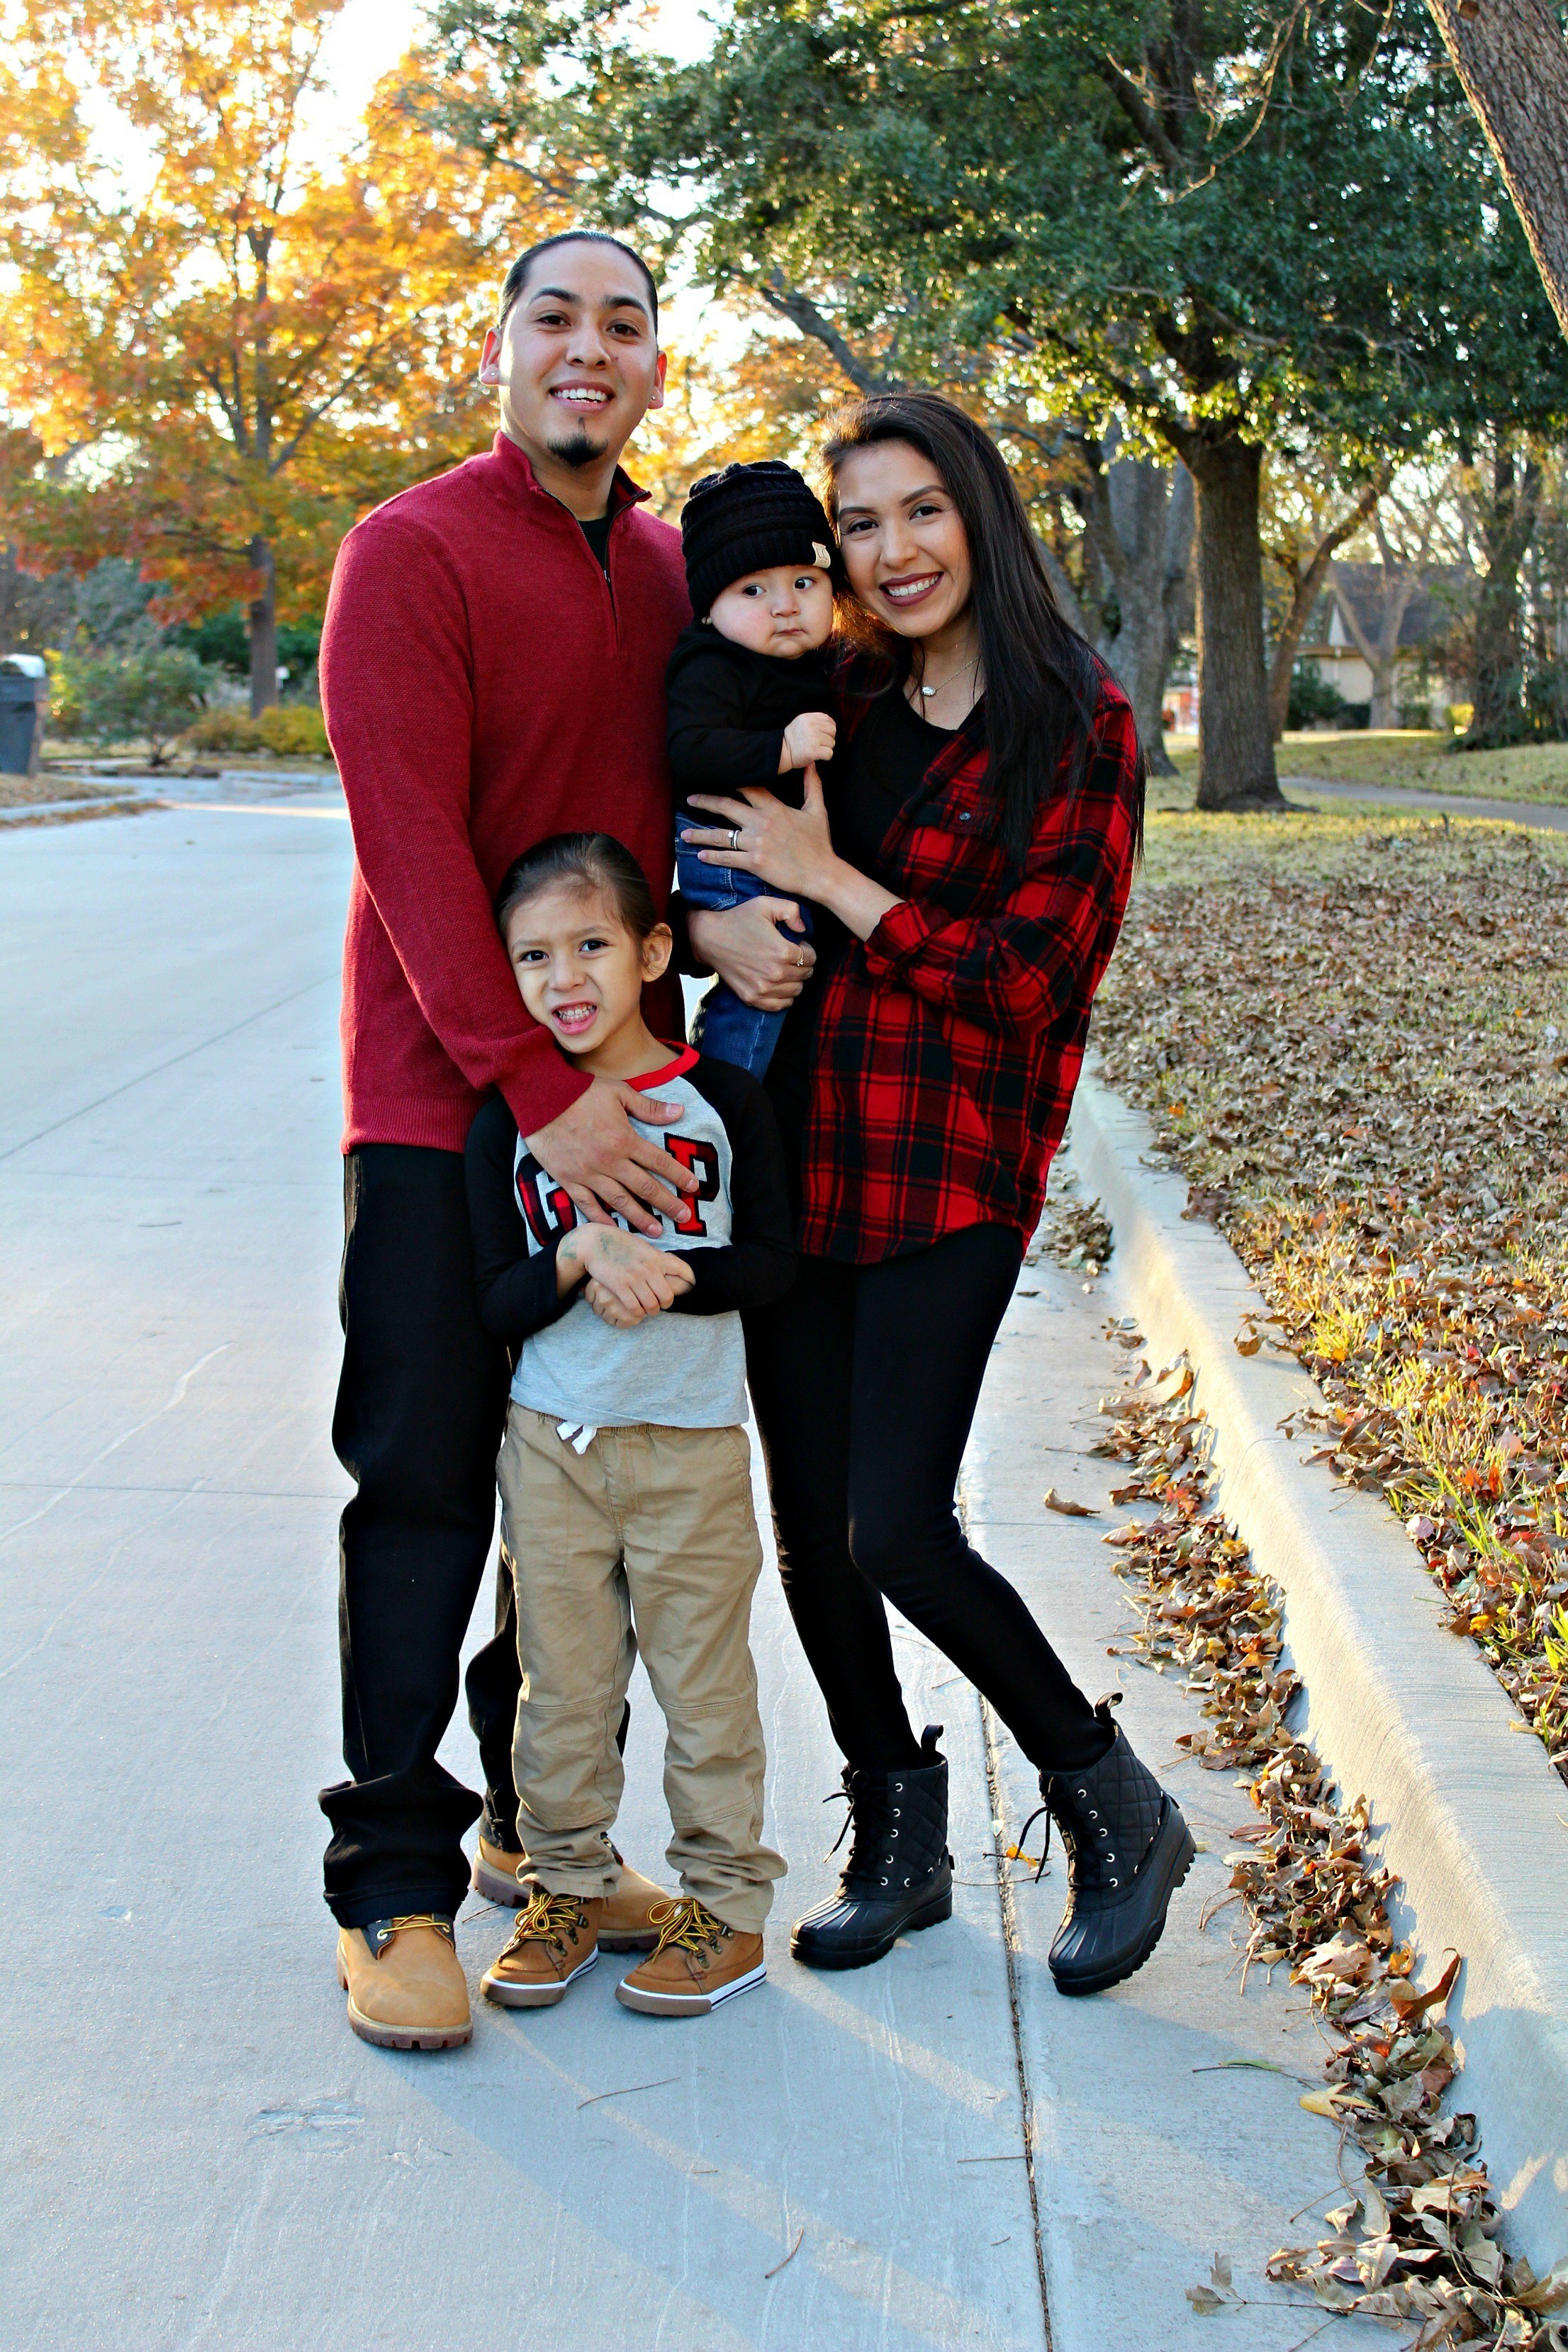 Quinn & his family